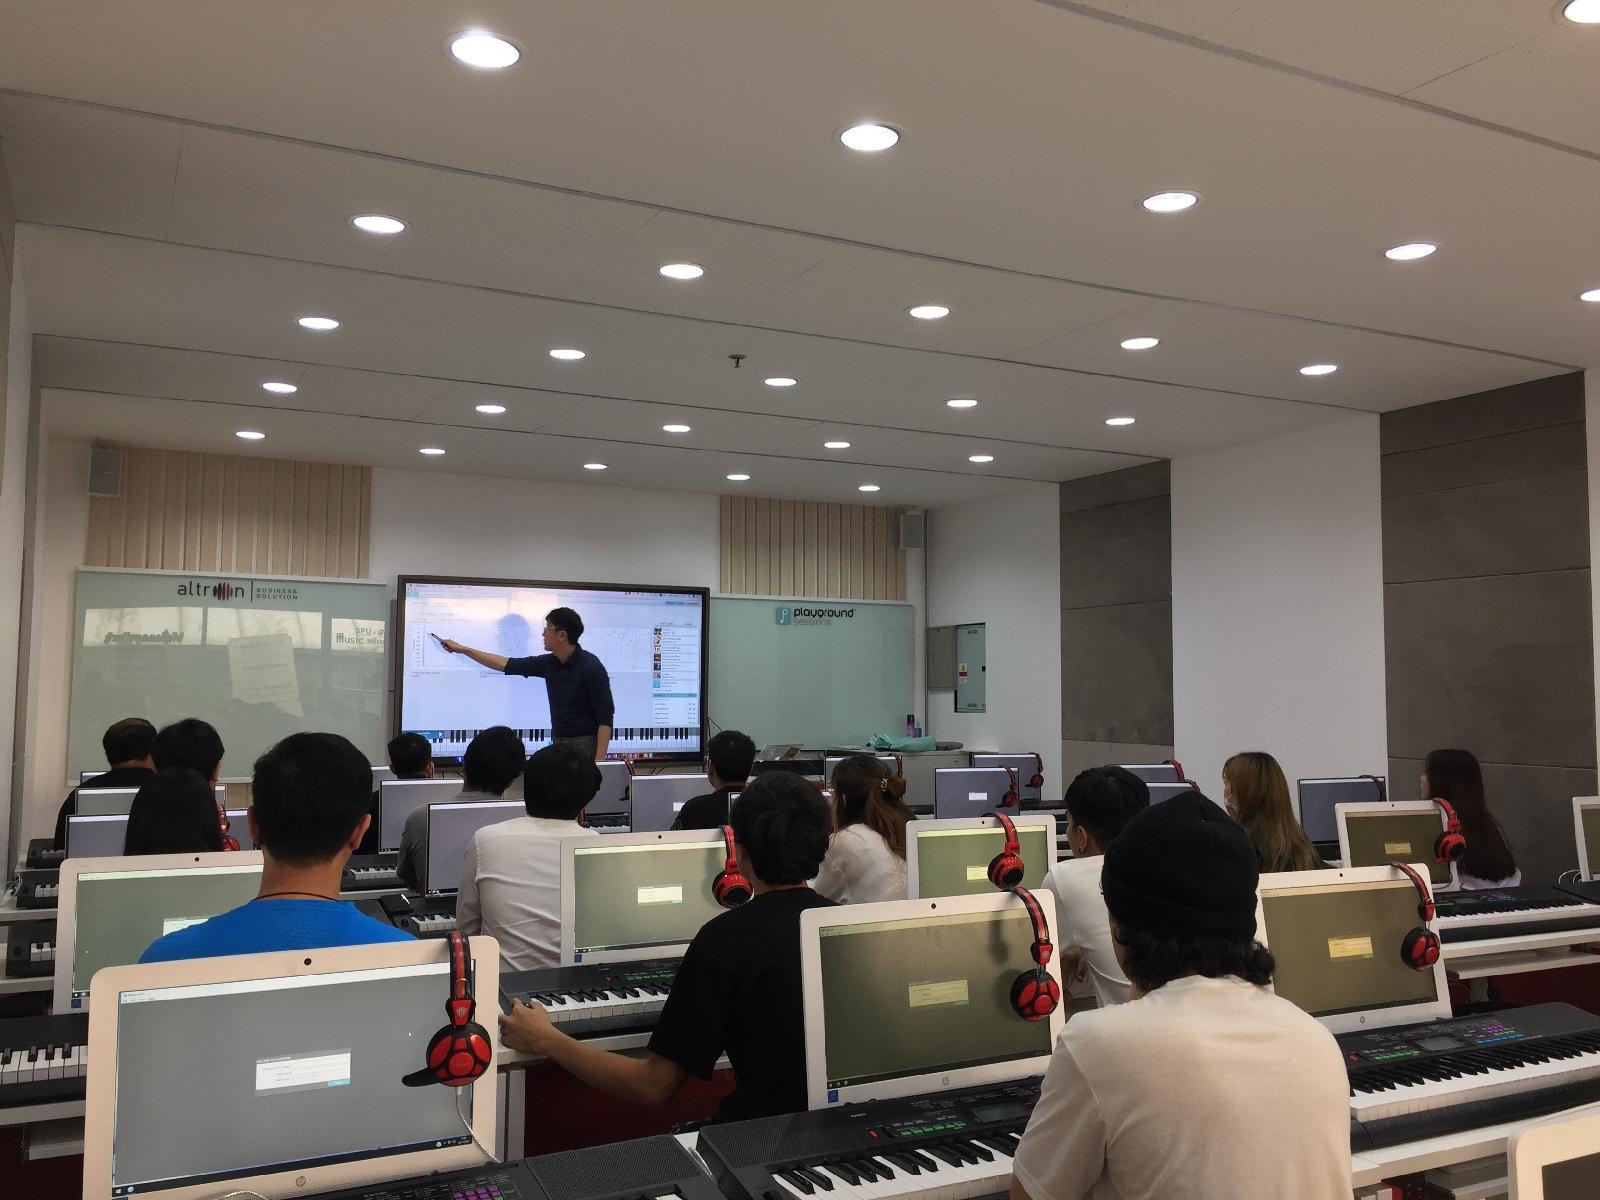 """Altron จับมือ BEC-Tero บุกตลาดการศึกษา ส่งมอบ """"กระดานอัจฉริยะ""""  ให้ ม.ศรีปทุม ส่งเสริมห้องเรียนเปียโนอัจฉริยะแห่งแรกในไทย"""